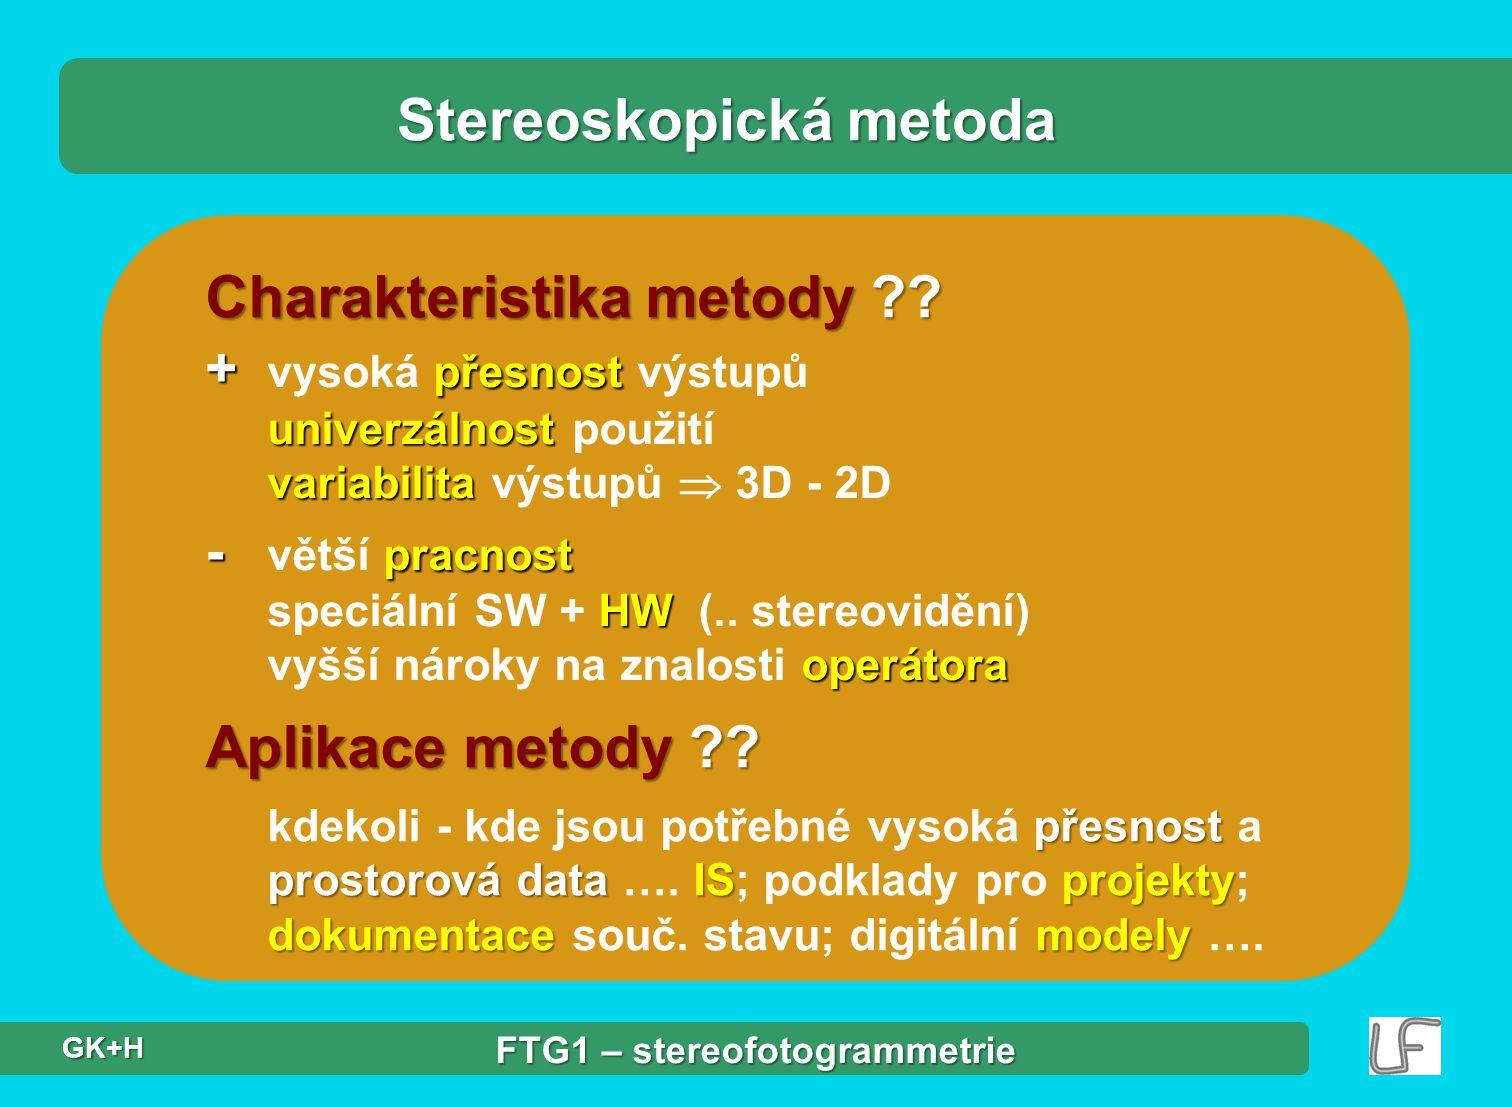 Stereoskopická metoda